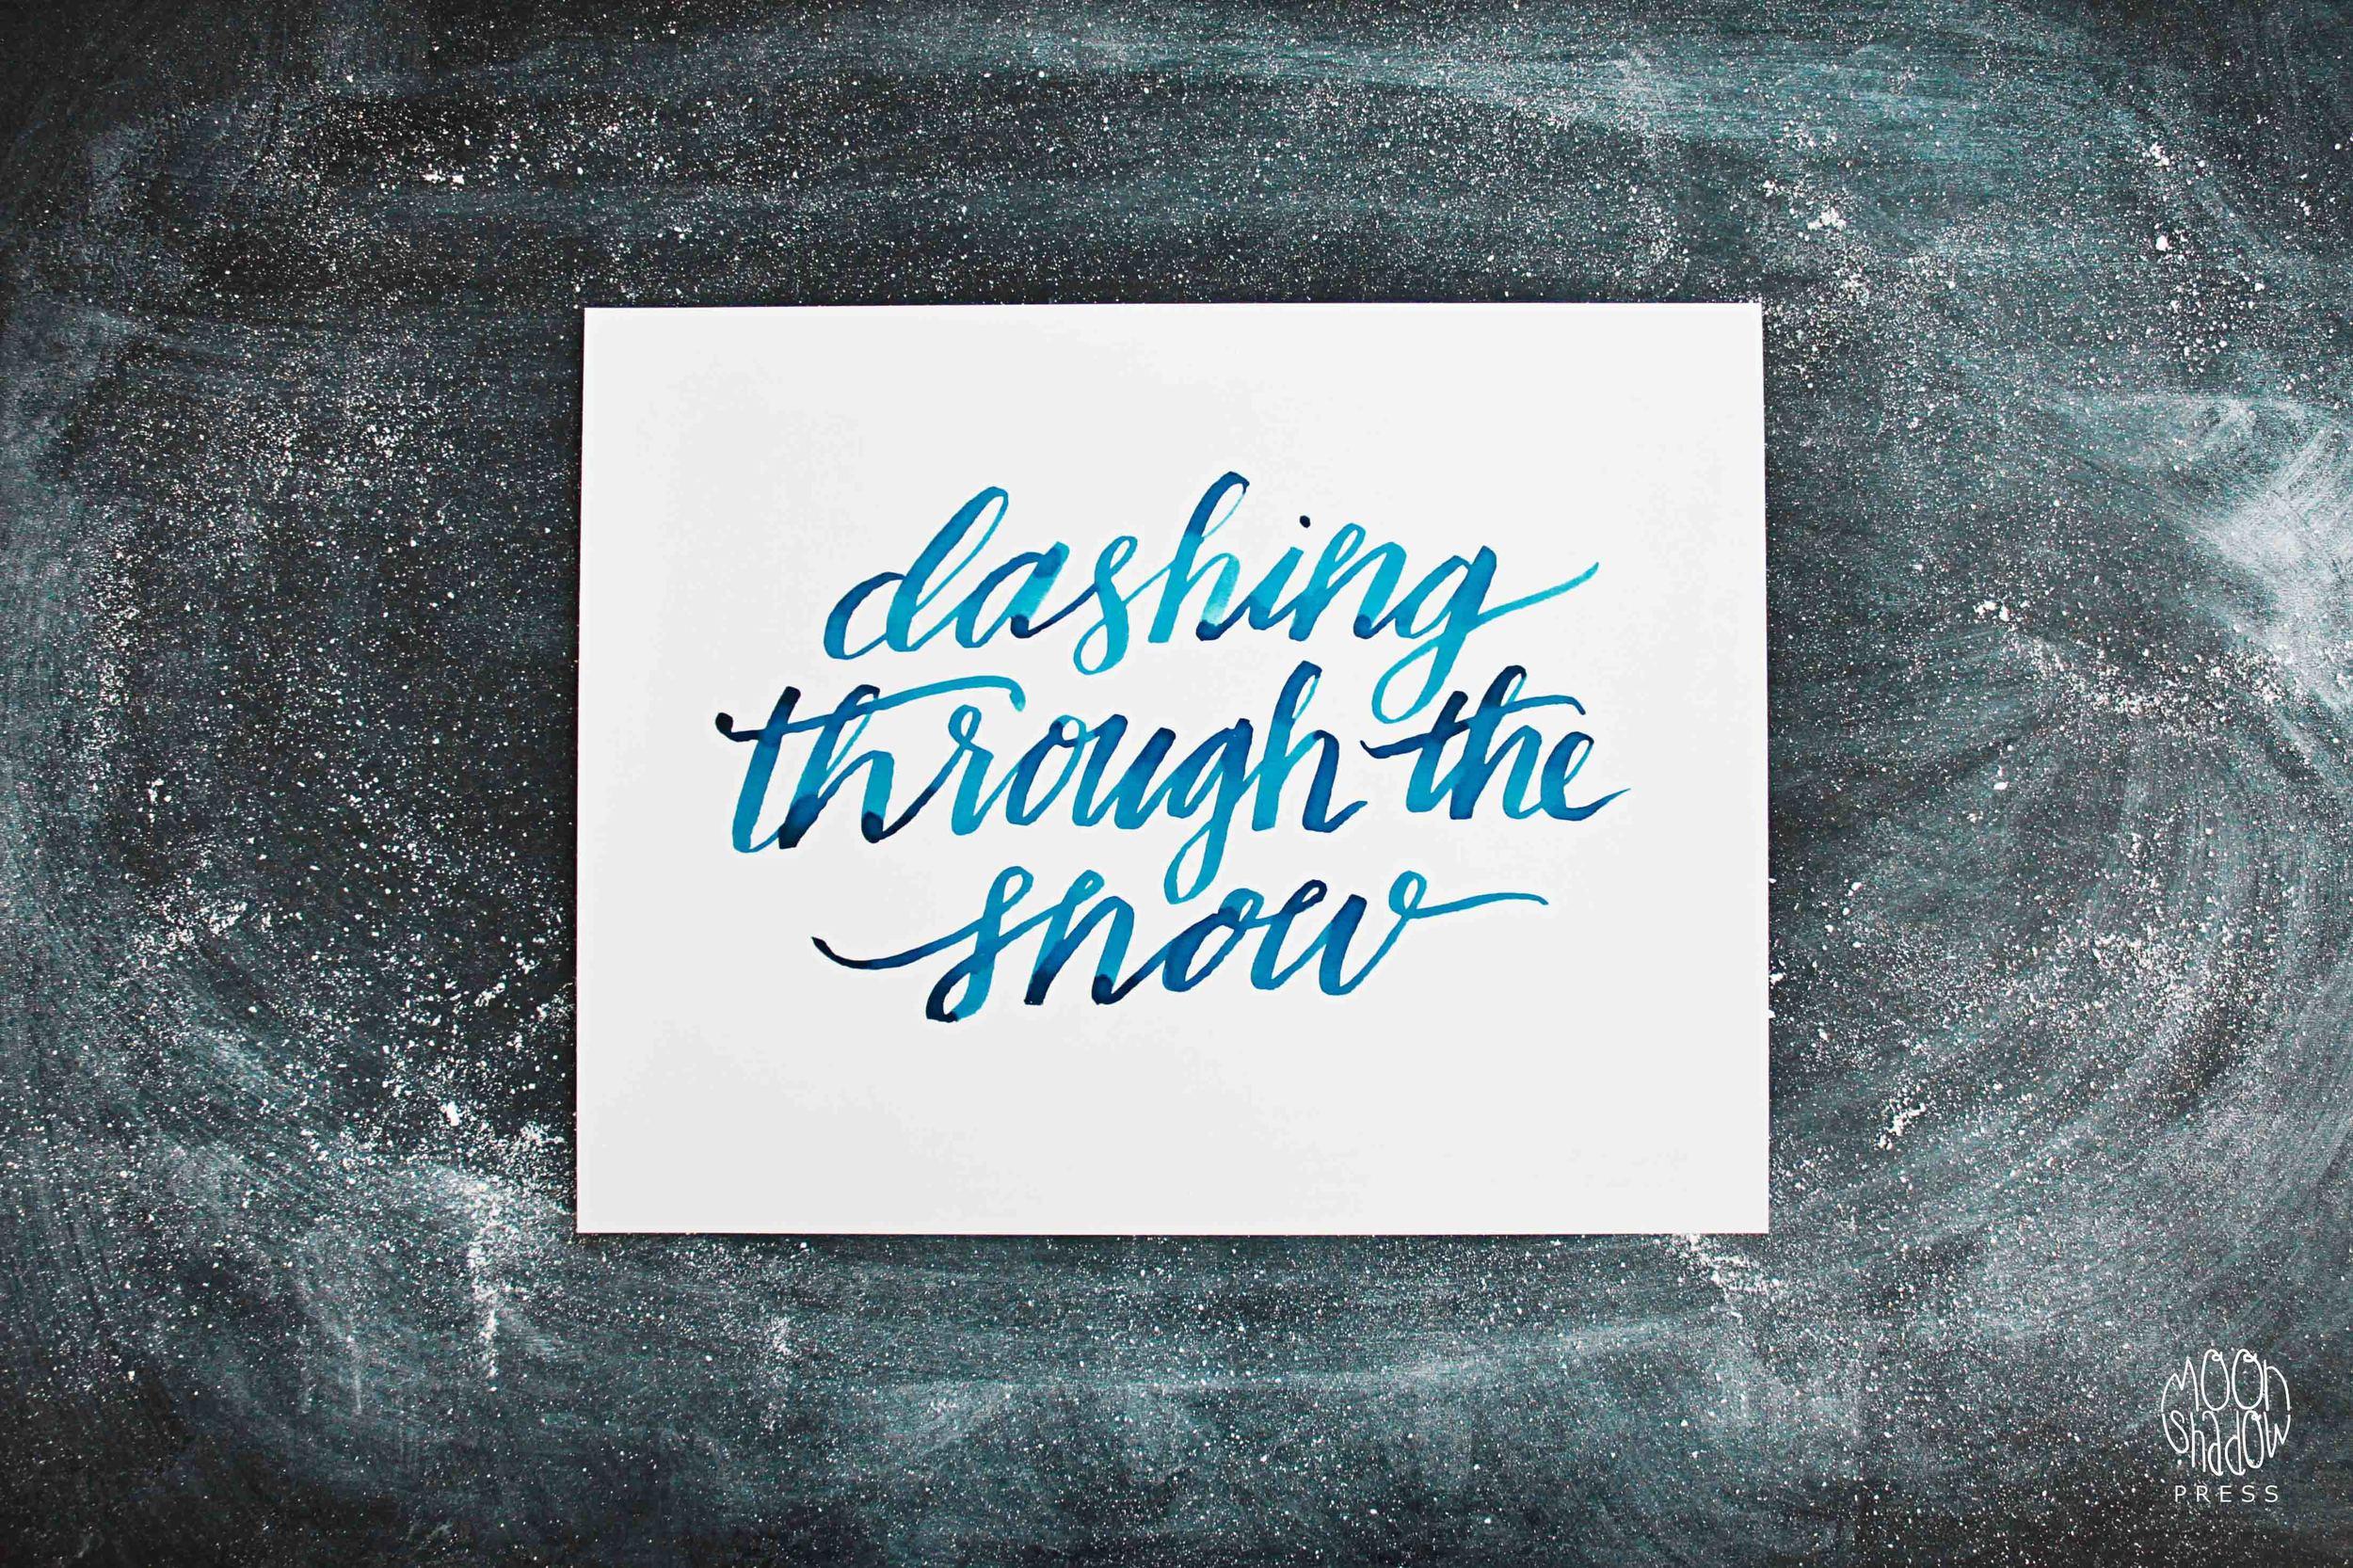 repro_dashing1_logo.jpg